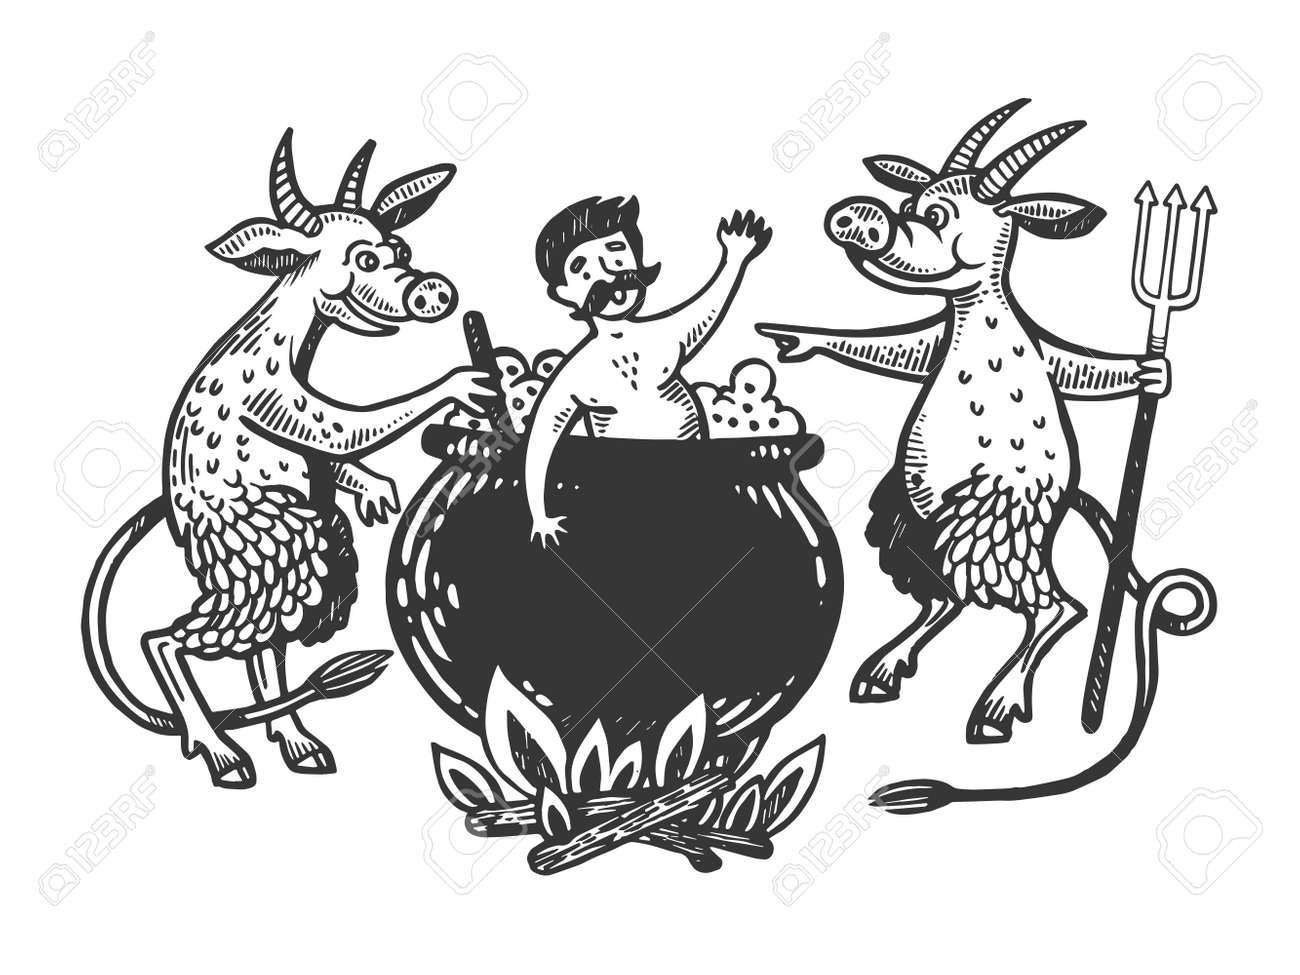 Billedresultat for white man in cauldron